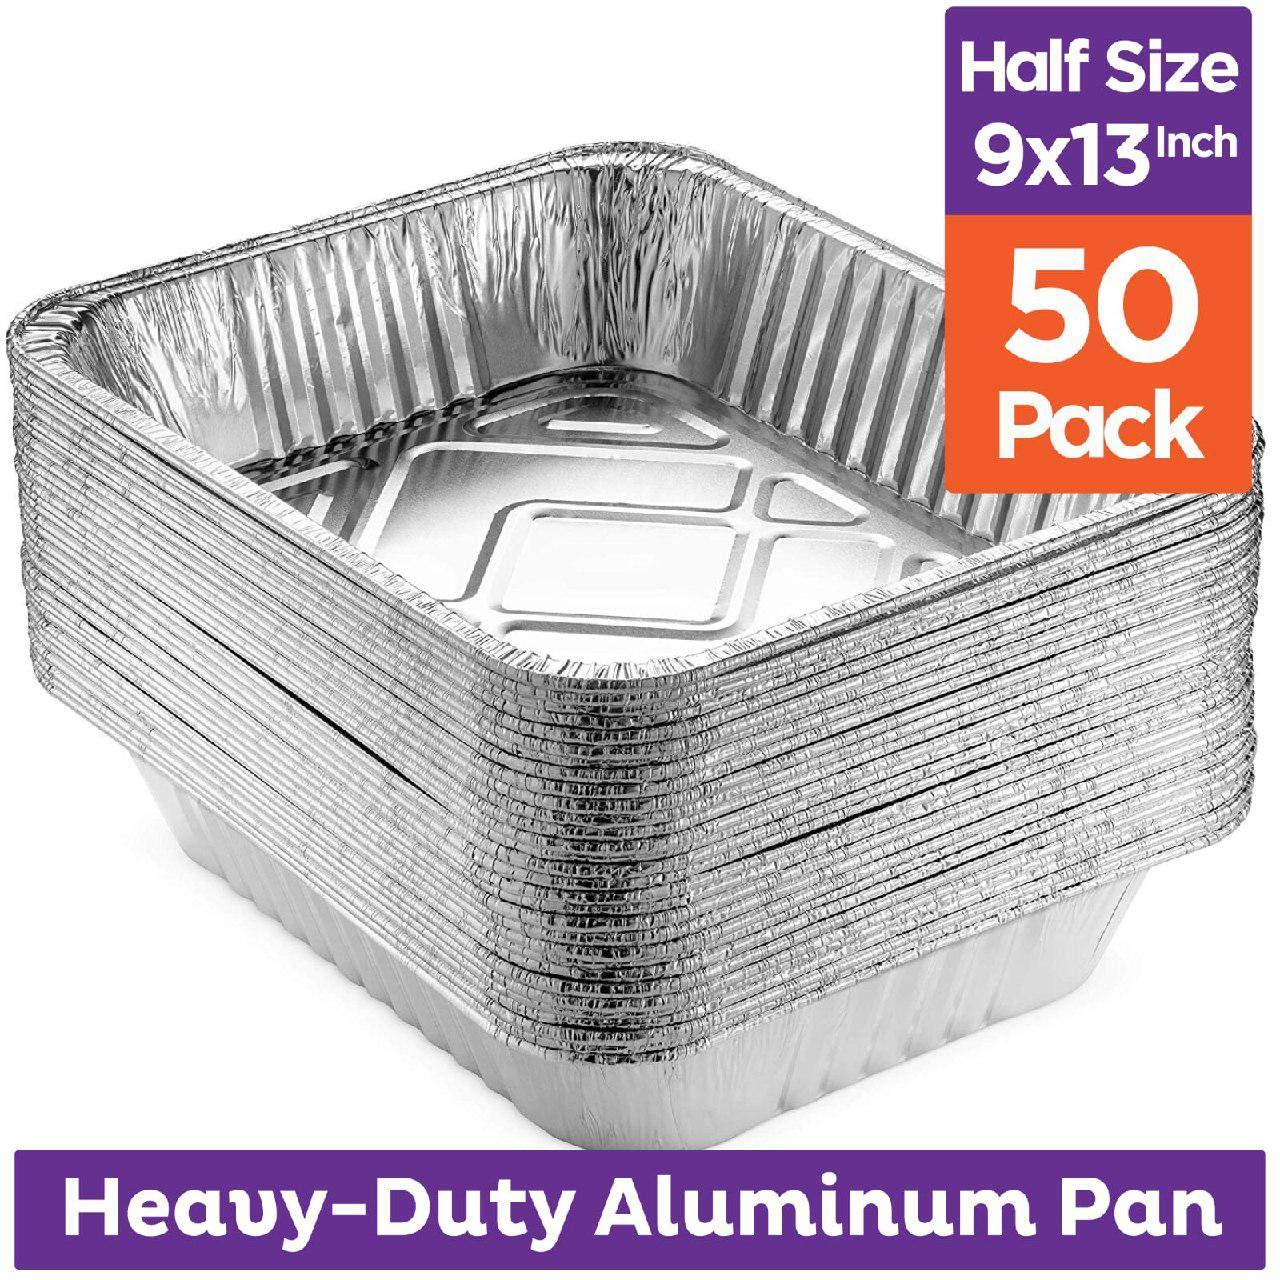 Heavy Duty 9 x 13 Aluminum Foil Pans [50 Pack] Half Size Deep Steam Table Pans, Premium Disposable Baking Pans